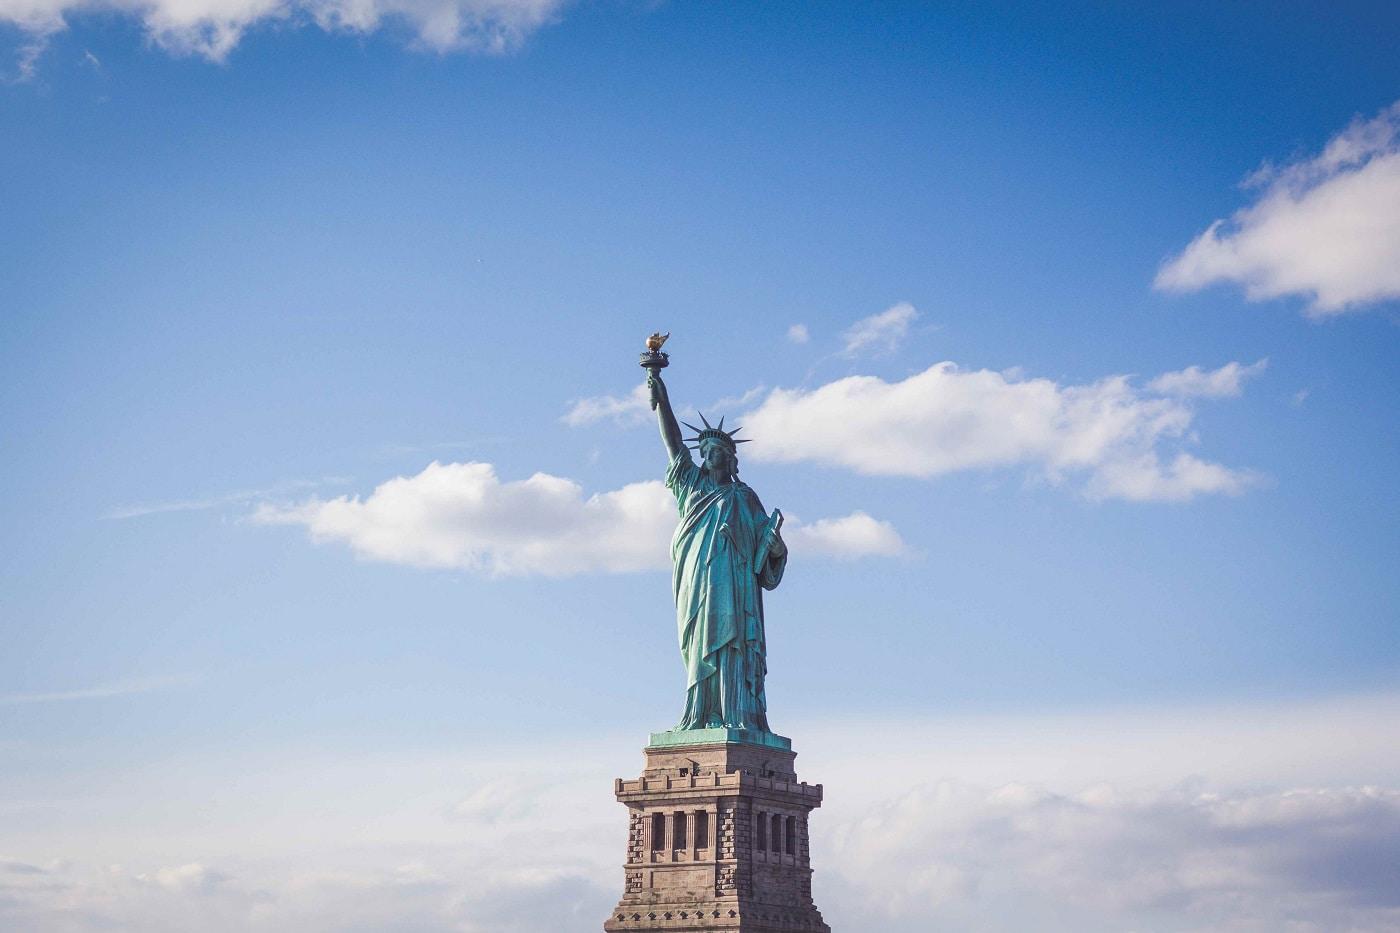 米国株のETFとは|米国ETFについて分かりやすい説明【最強】